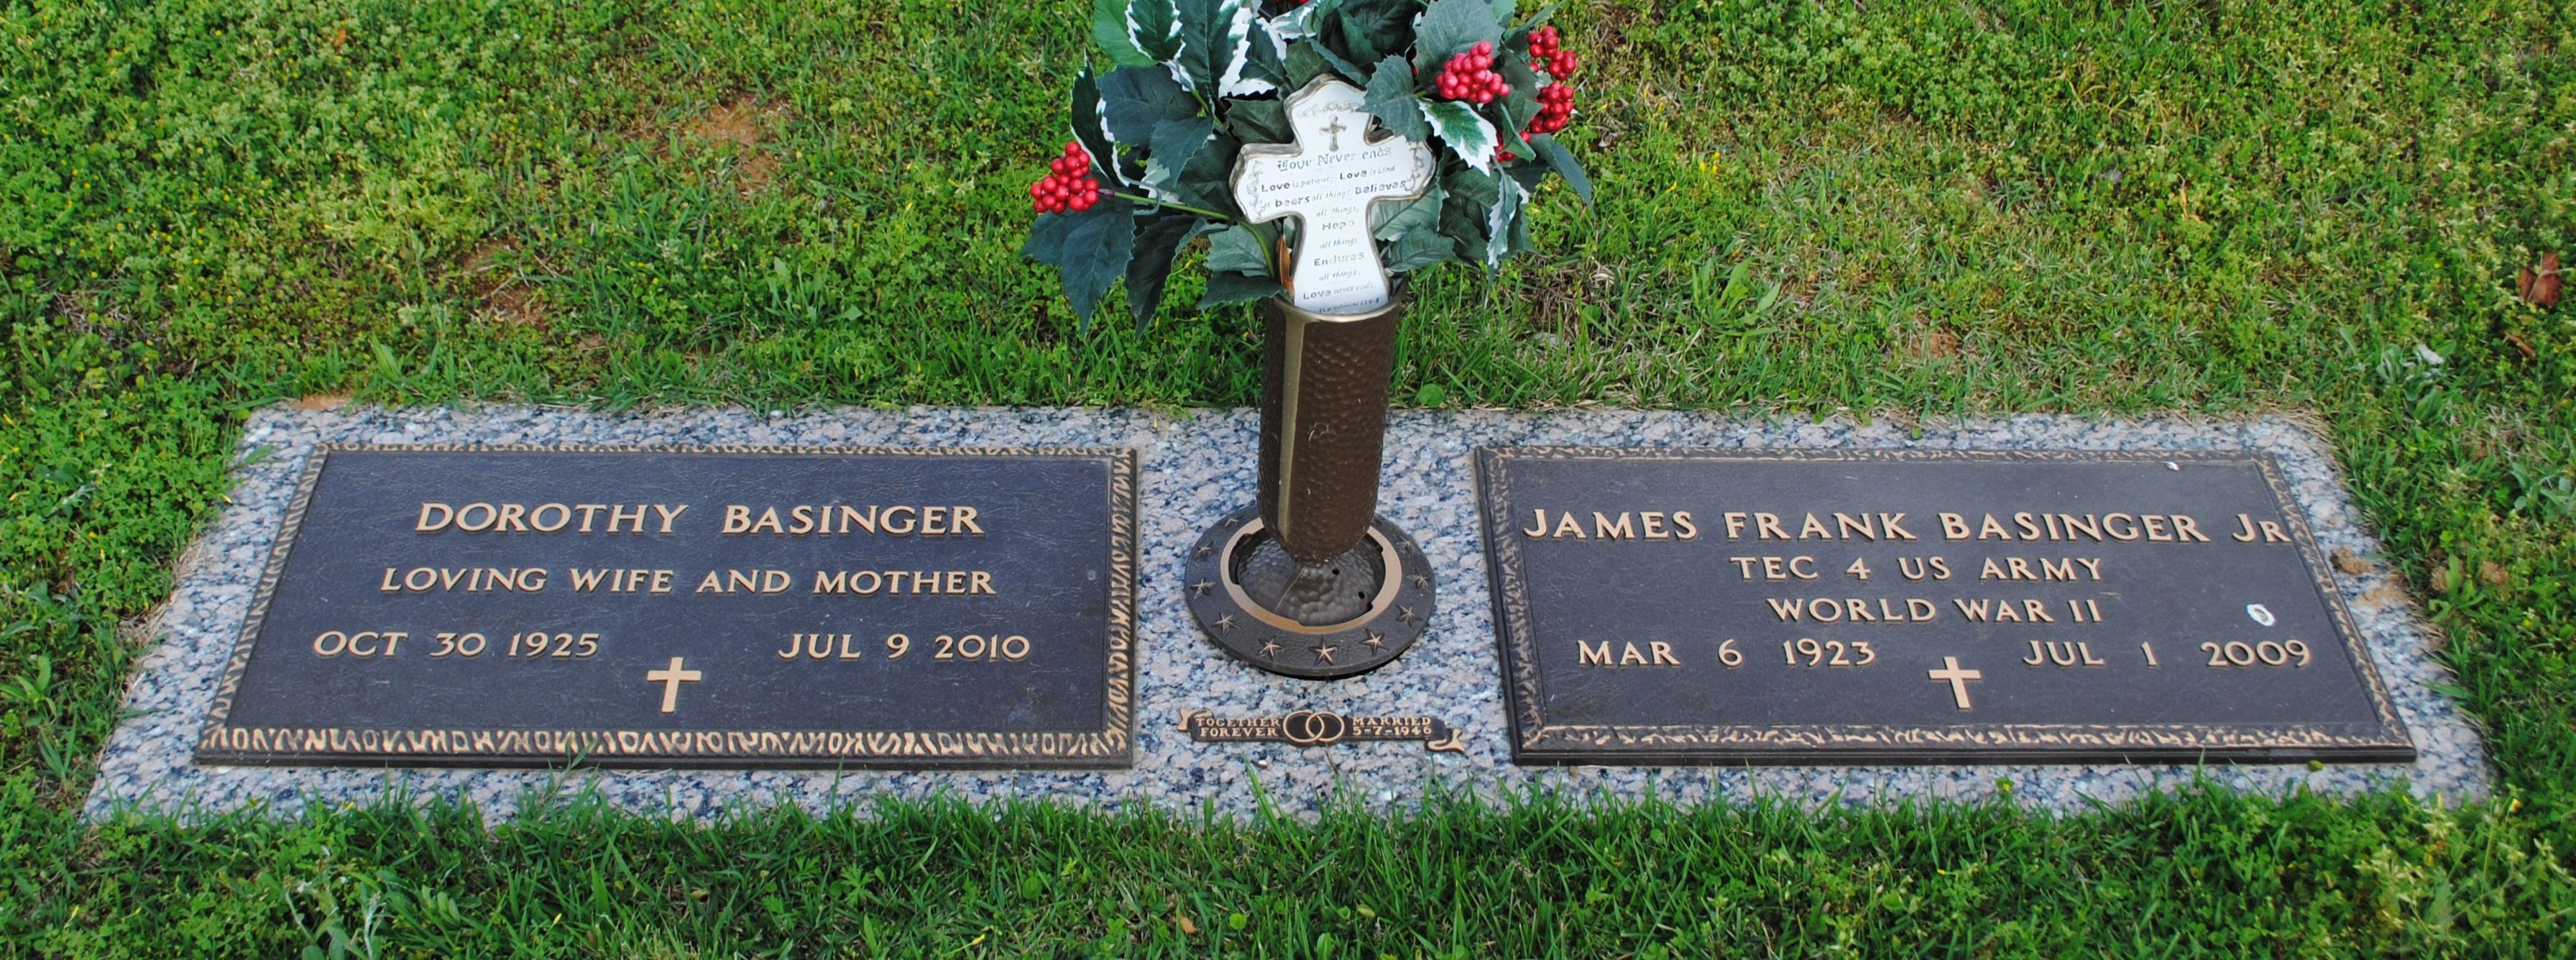 James Frank Pop Basinger, Jr